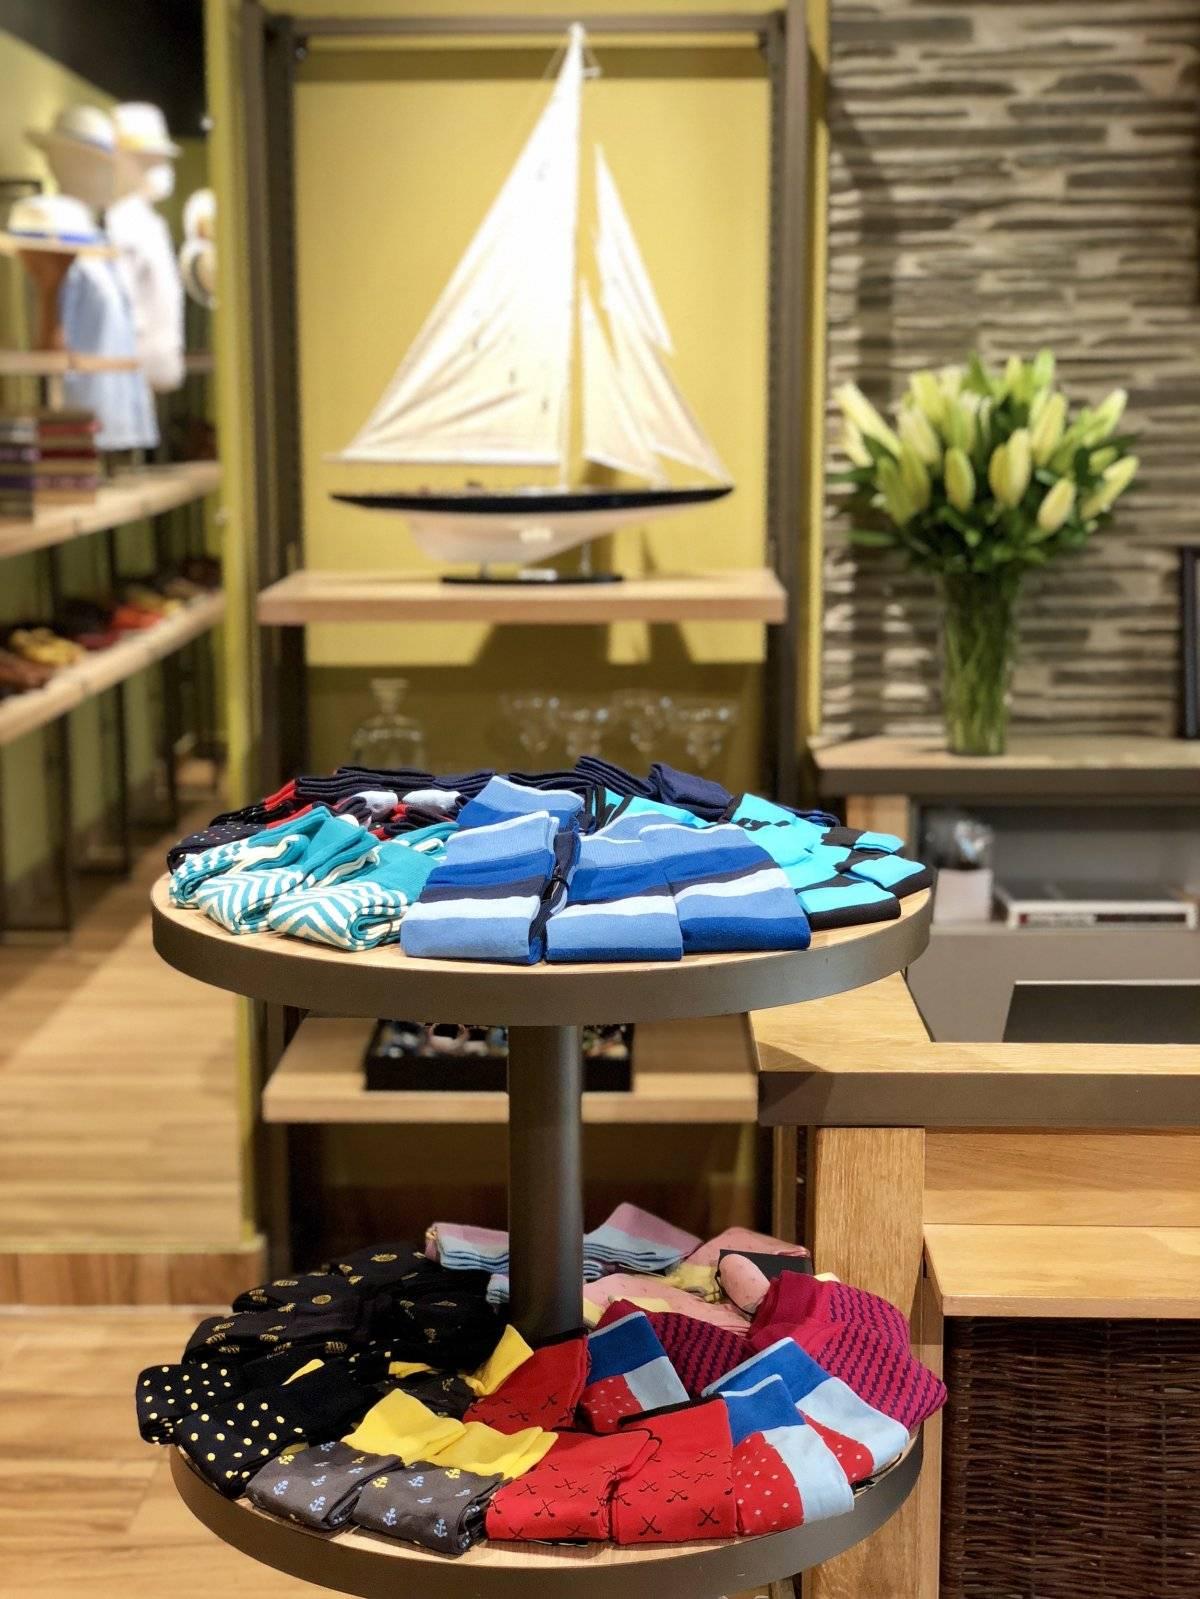 La nueva tienda de la marca Boronea, abrió sus puertas esta semana en The Mall of San Juan. / Foto: David Cordero Mercado